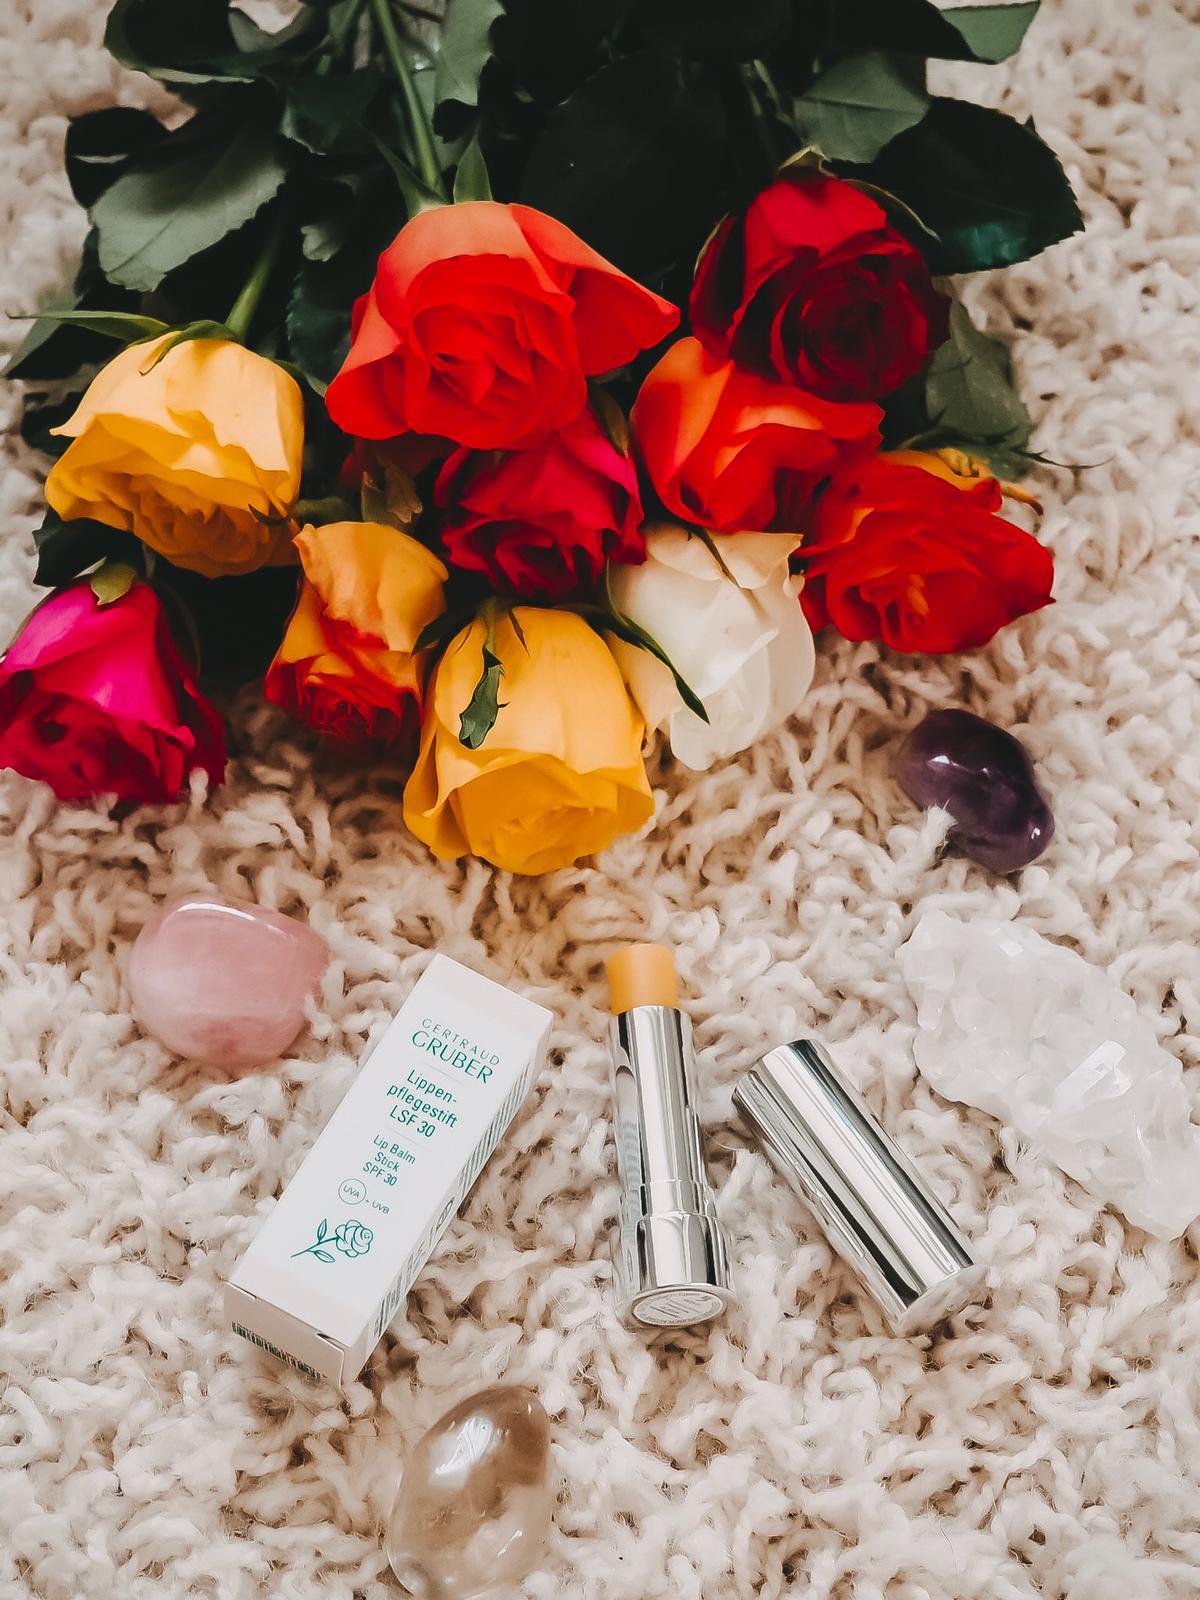 Heute habe ich meine aktuellen Highlights von Gertraud Gruber,der hochwertigen Naturkosmetik-Marke,in der Beauty Kategorie von meinem Blog zusammengestellt.